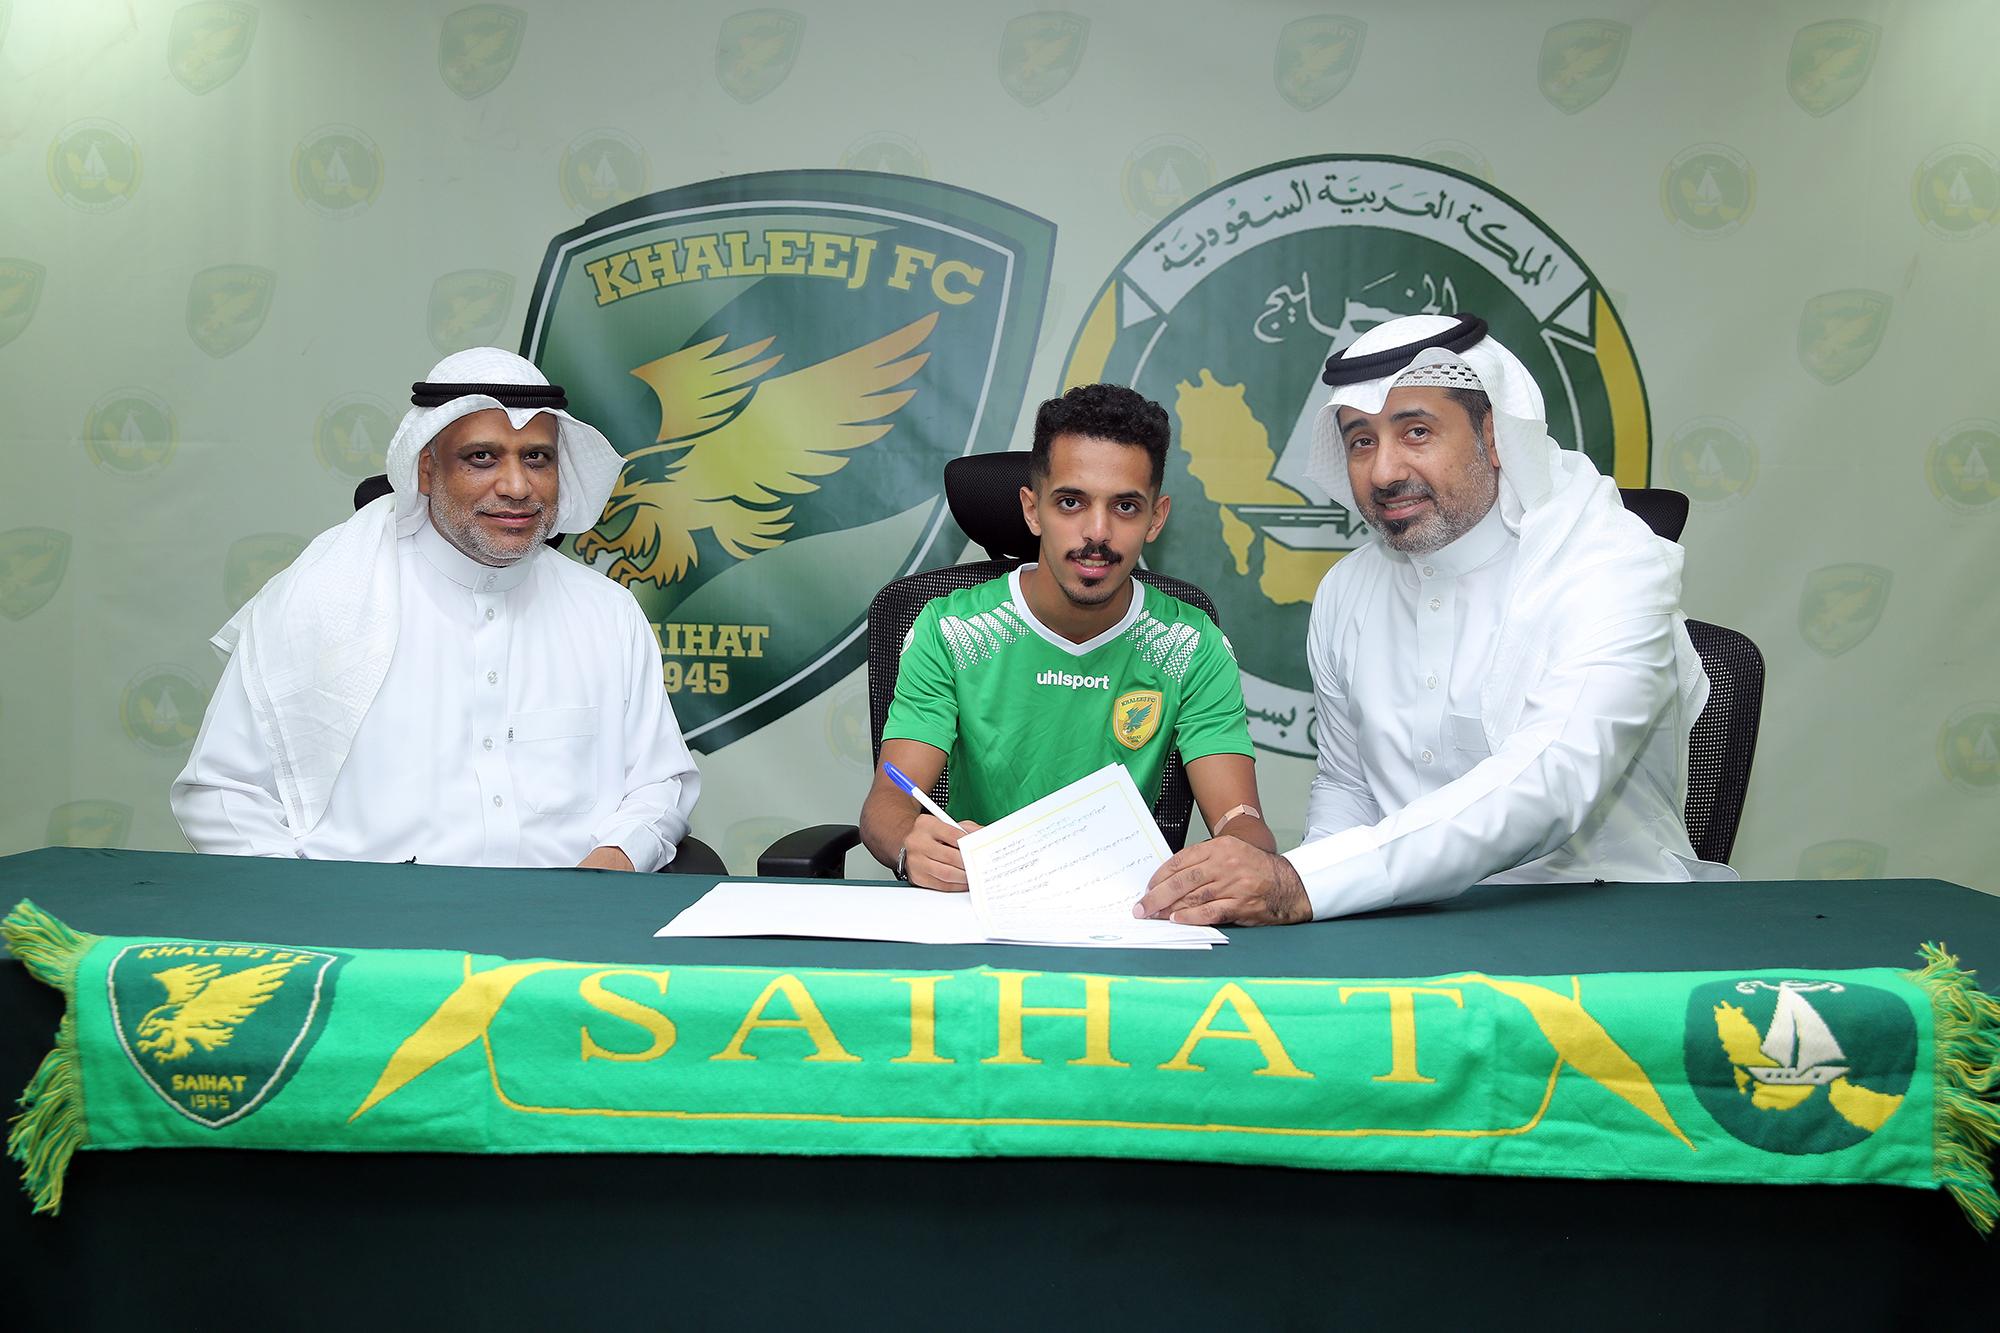 إدارة نادي الخليج توقع مع لاعب الأهلي عبد الرحمن الحارثي لدعم وسط الدانة في دوري الأمير محمد بن سلمان